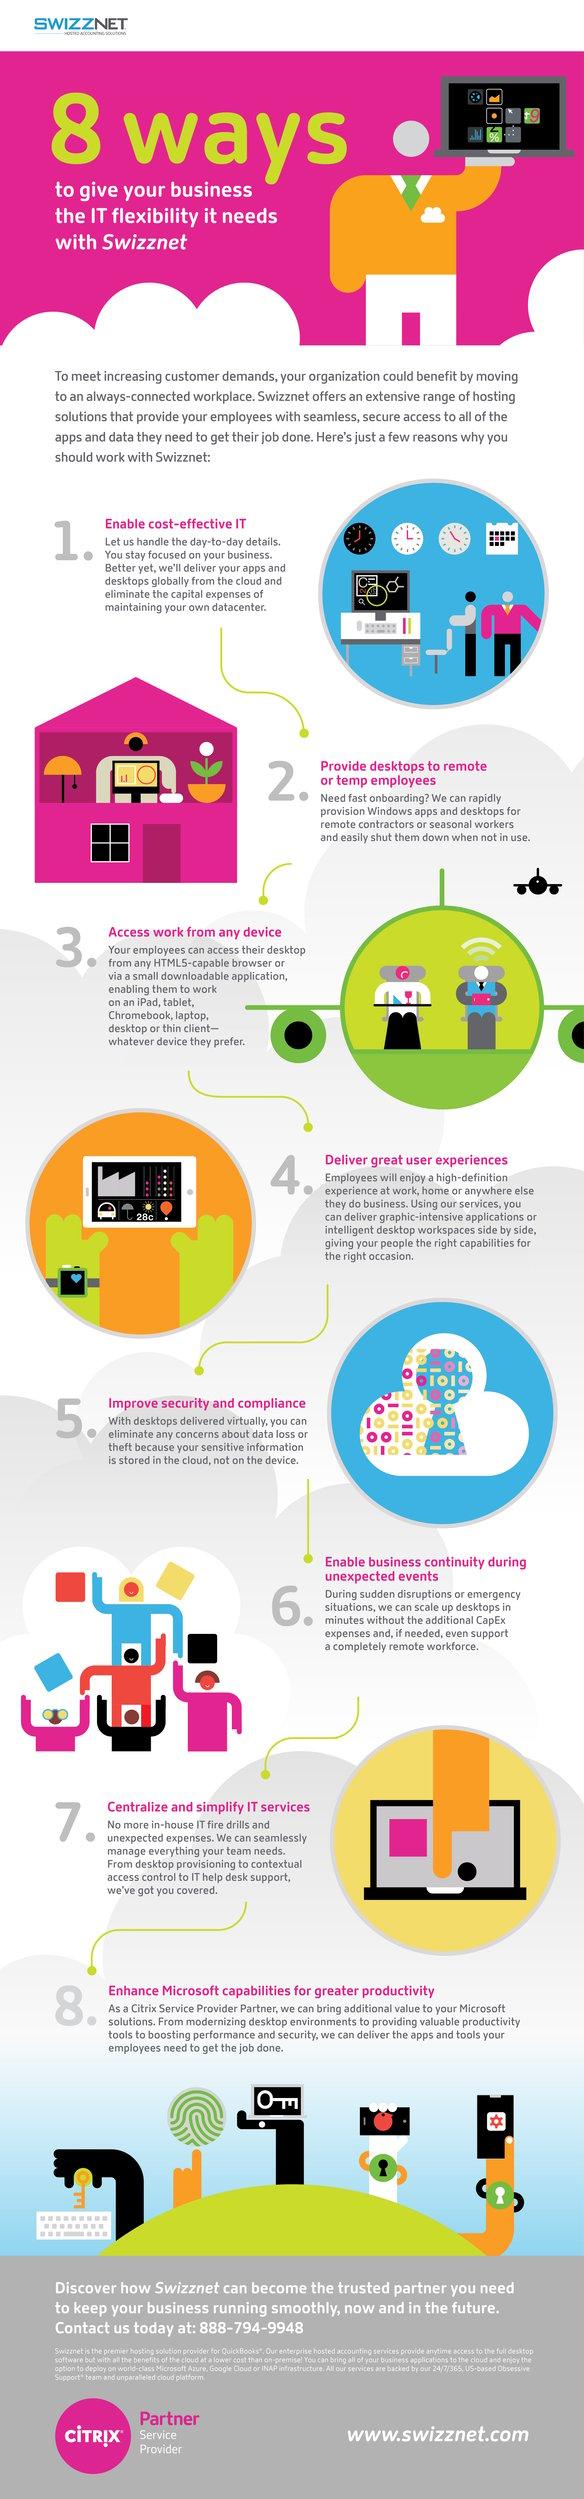 Swizznet-CItrix_infographic3